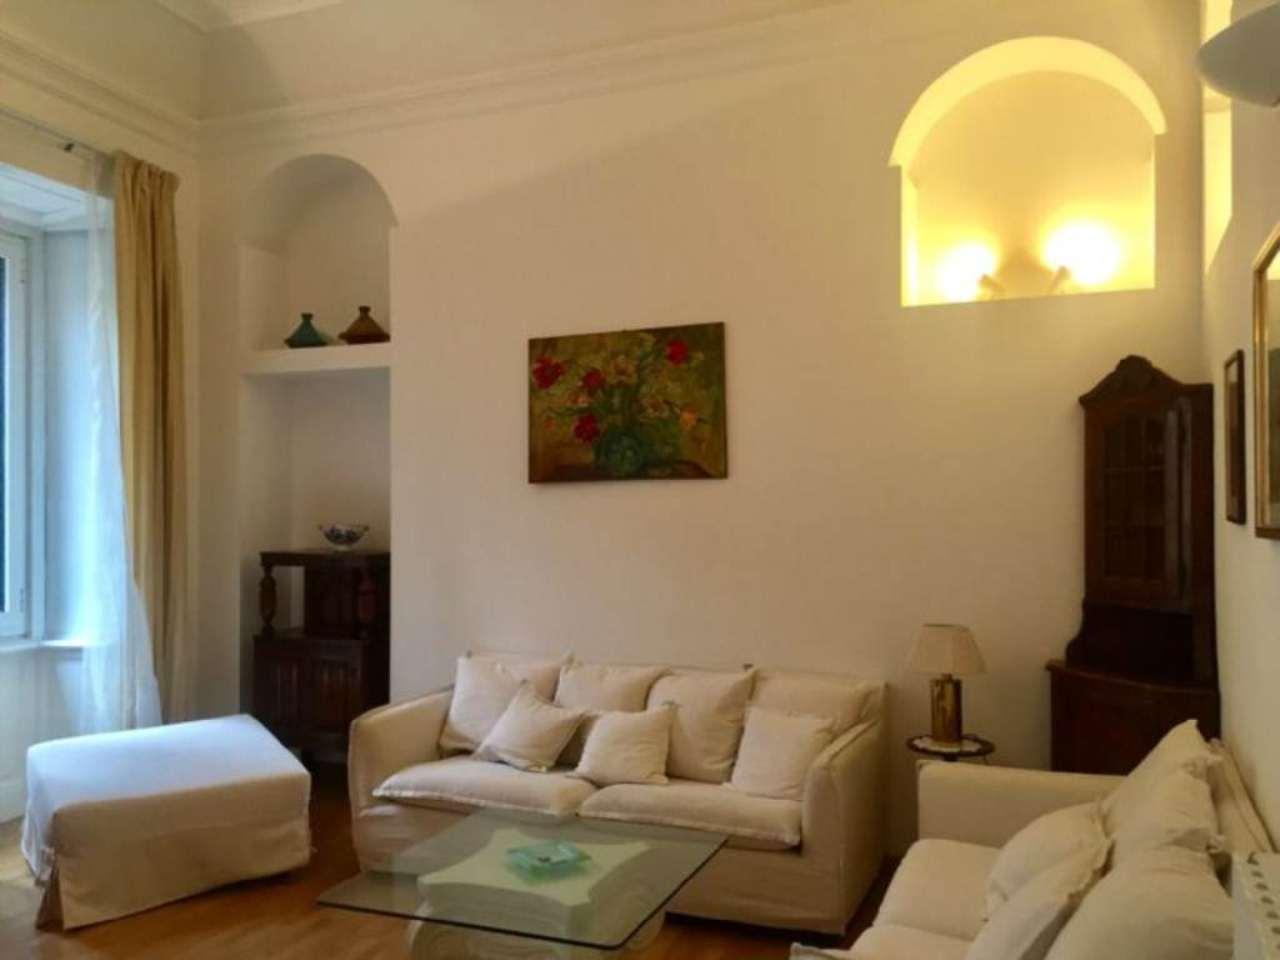 Appartamento in vendita a Milano, 3 locali, zona Zona: 1 . Centro Storico, Duomo, Brera, Cadorna, Cattolica, prezzo € 720.000 | Cambio Casa.it